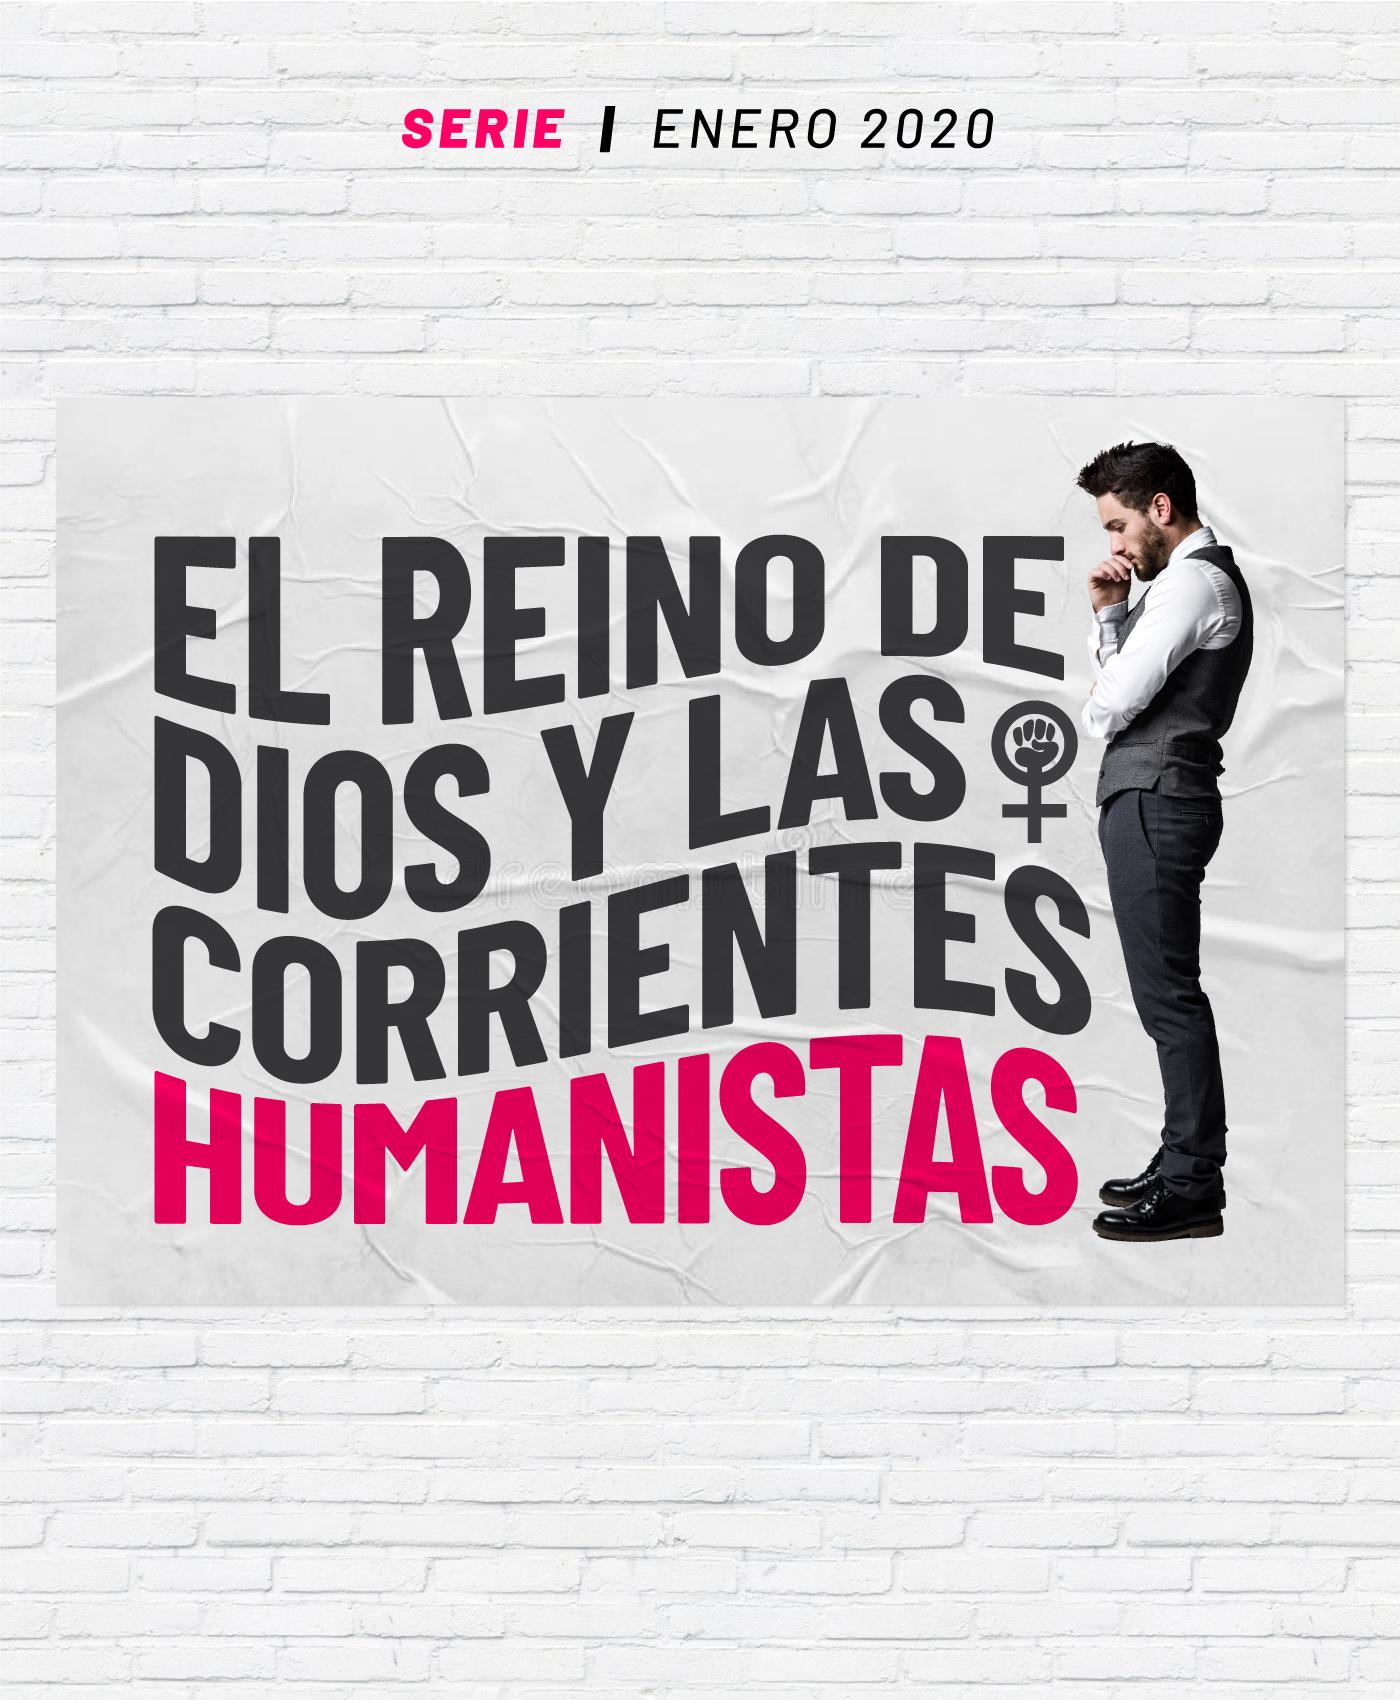 El Reino de Dios y las Corrientes Humanistas